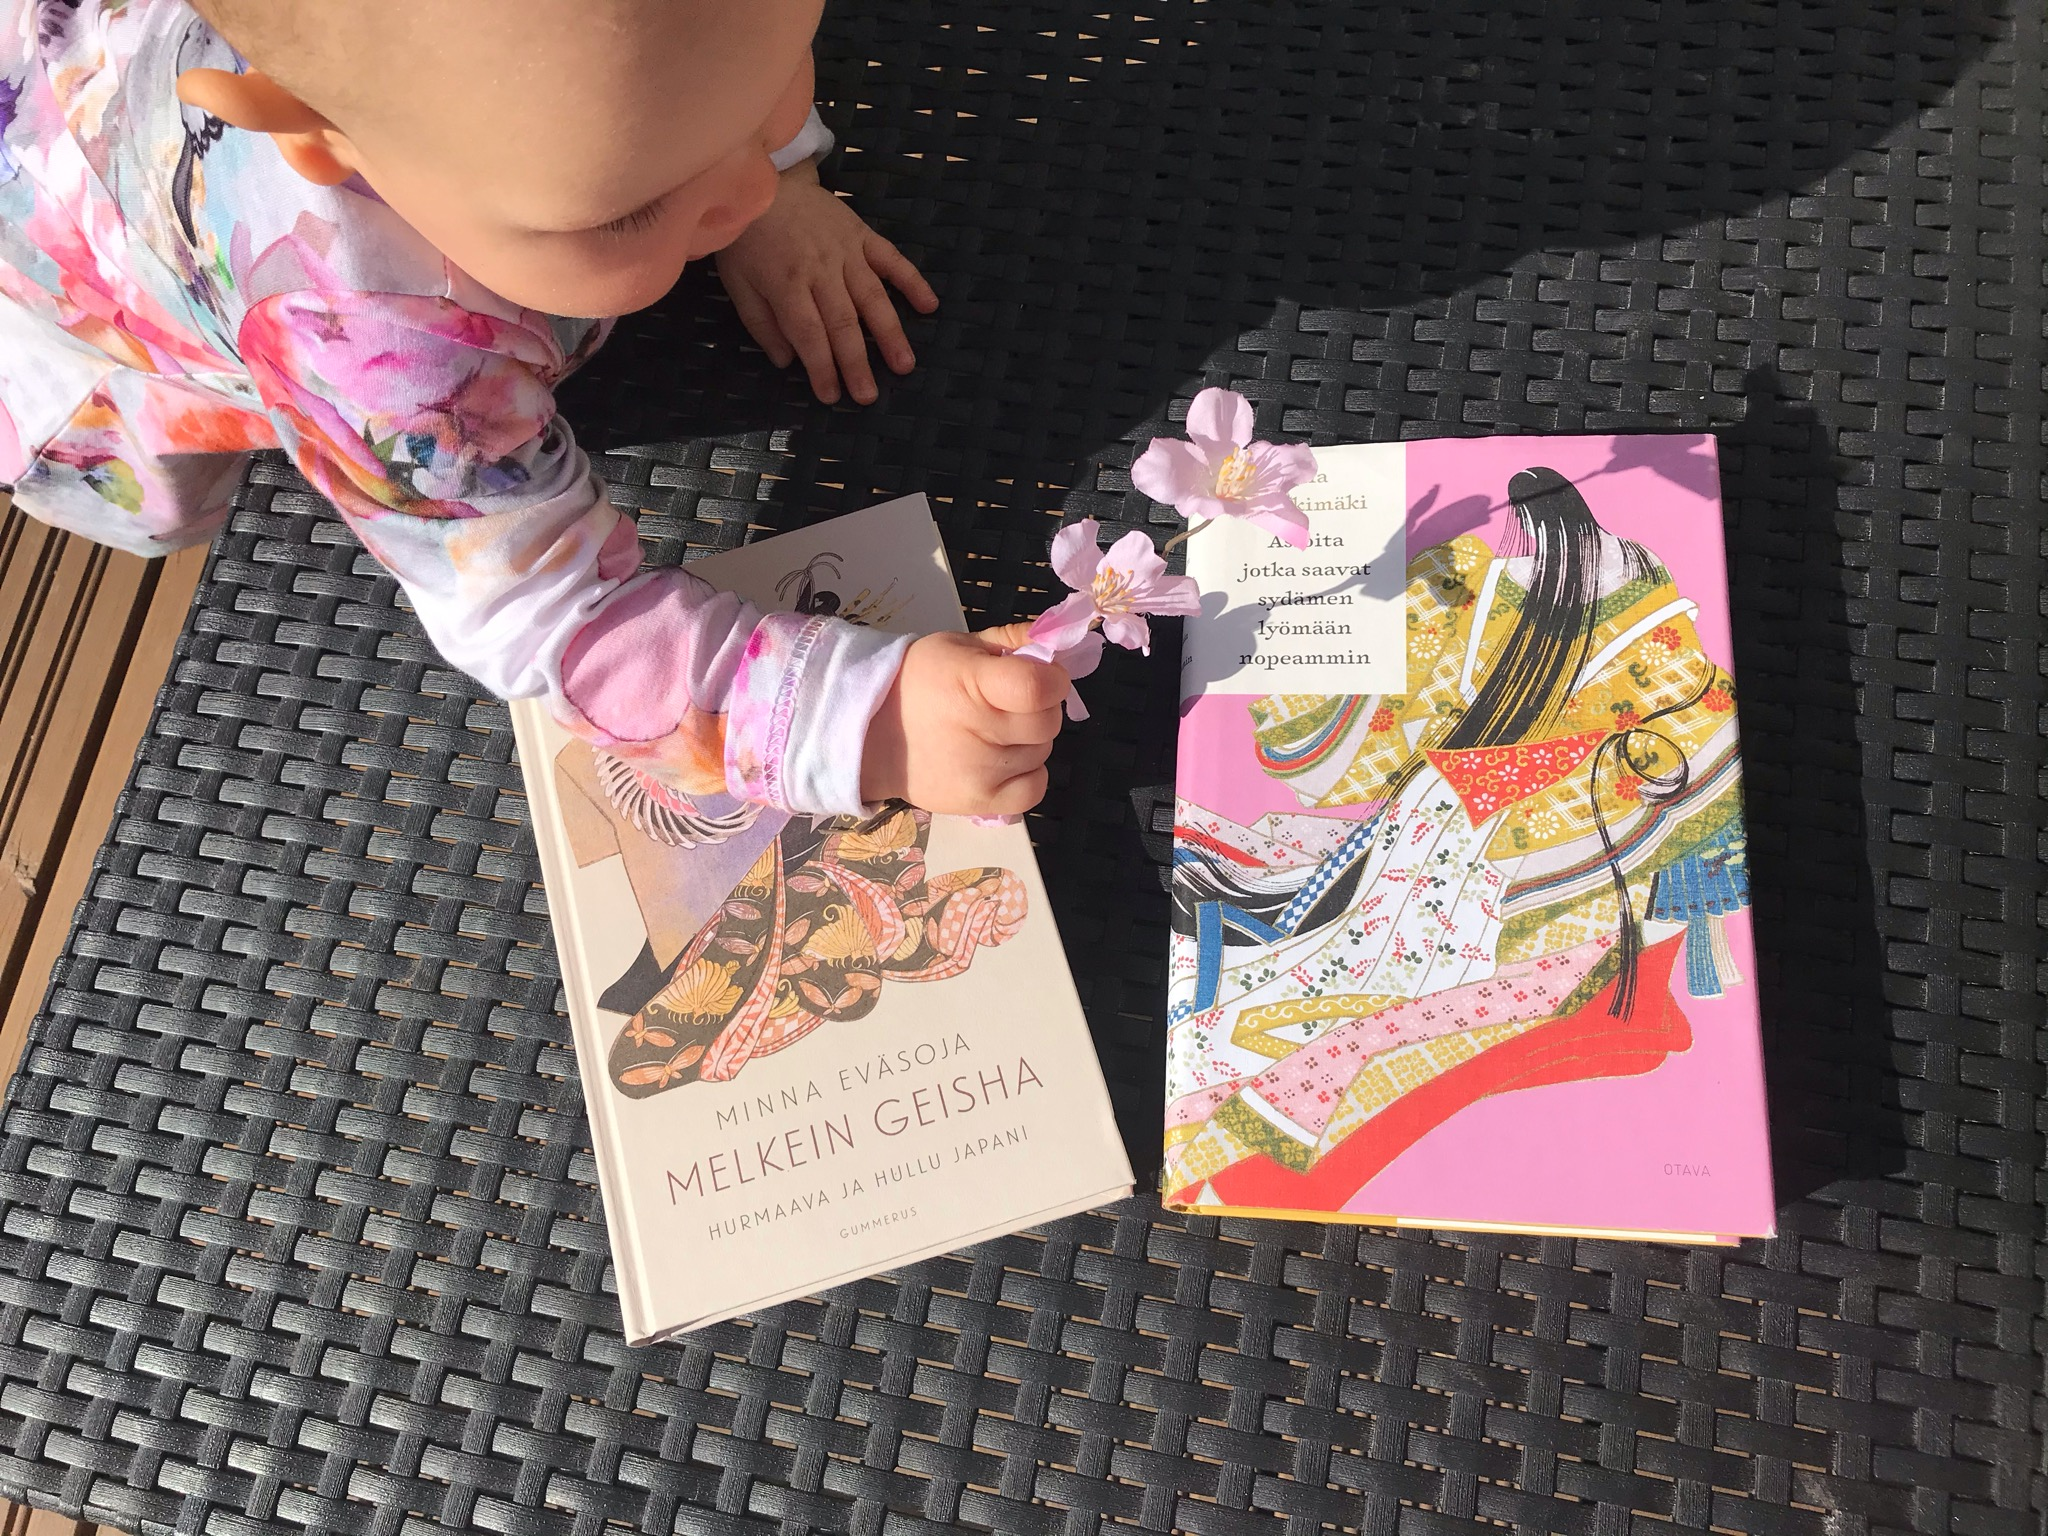 Japani-romaanien kauneutta. Kuva: Siru Valleala.